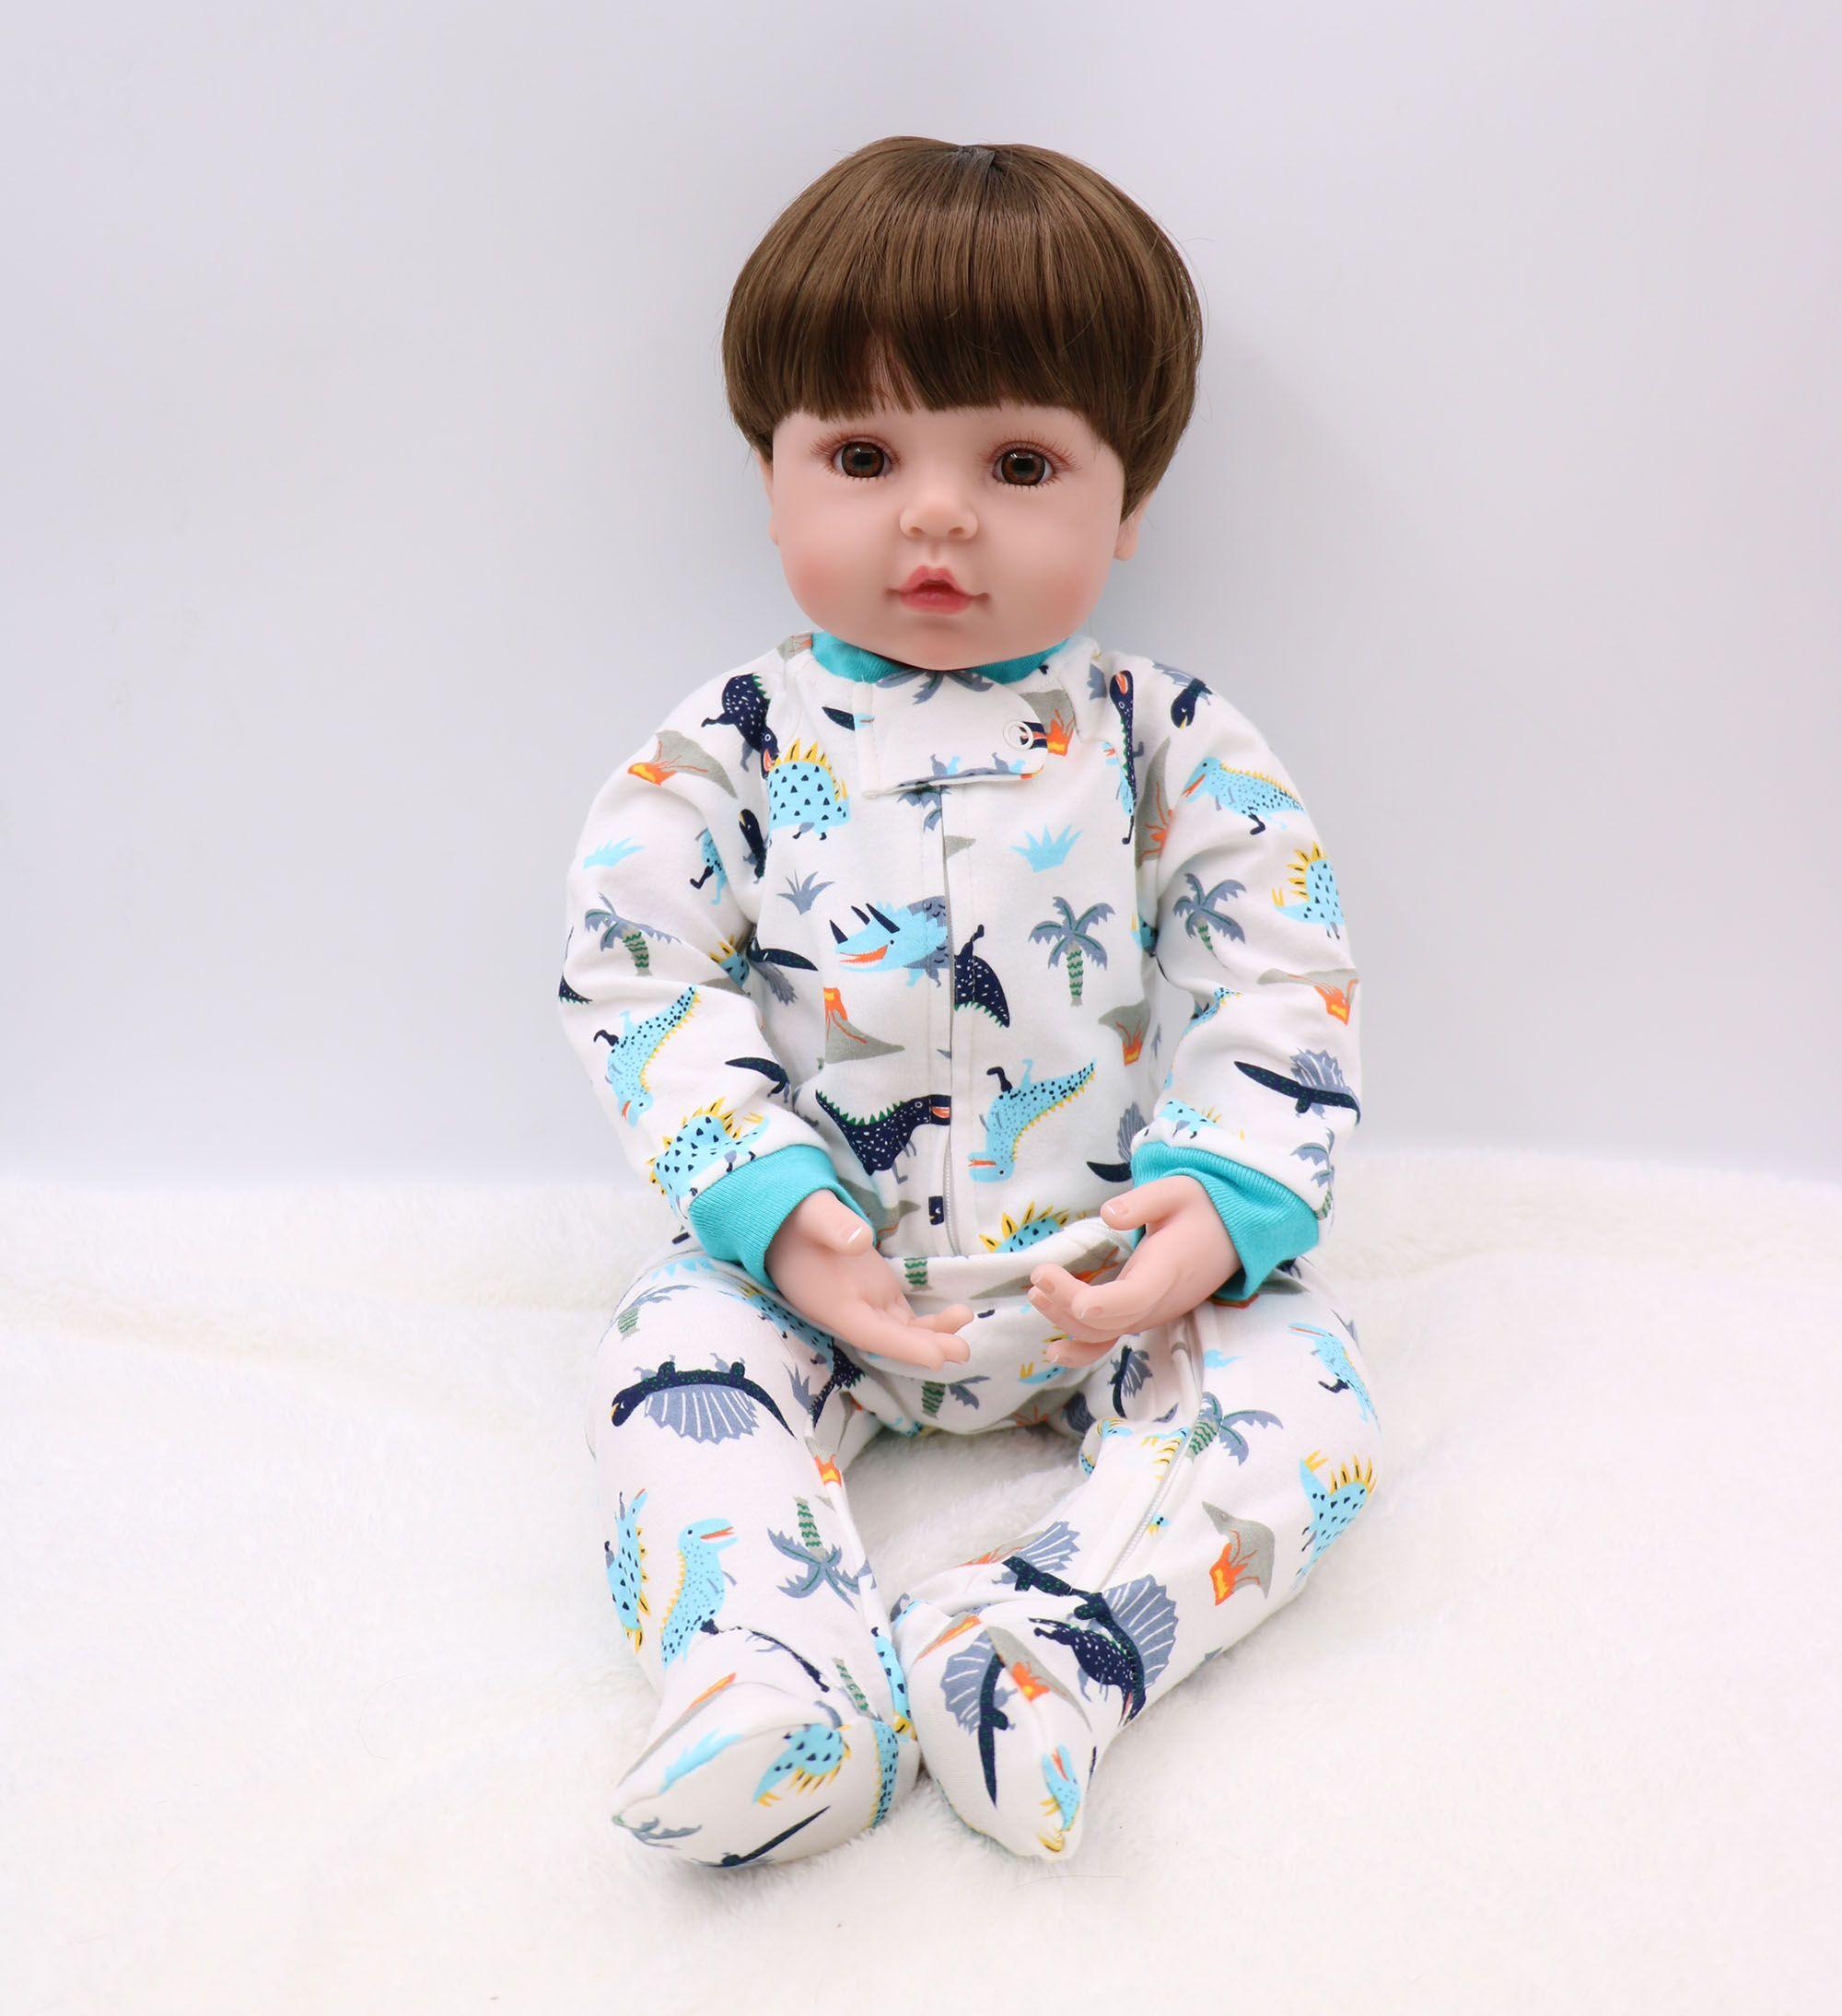 Pursuebaby Baby Boy Dolls Look Real Best Baby Doll Boy Doll Reborn Baby Dolls